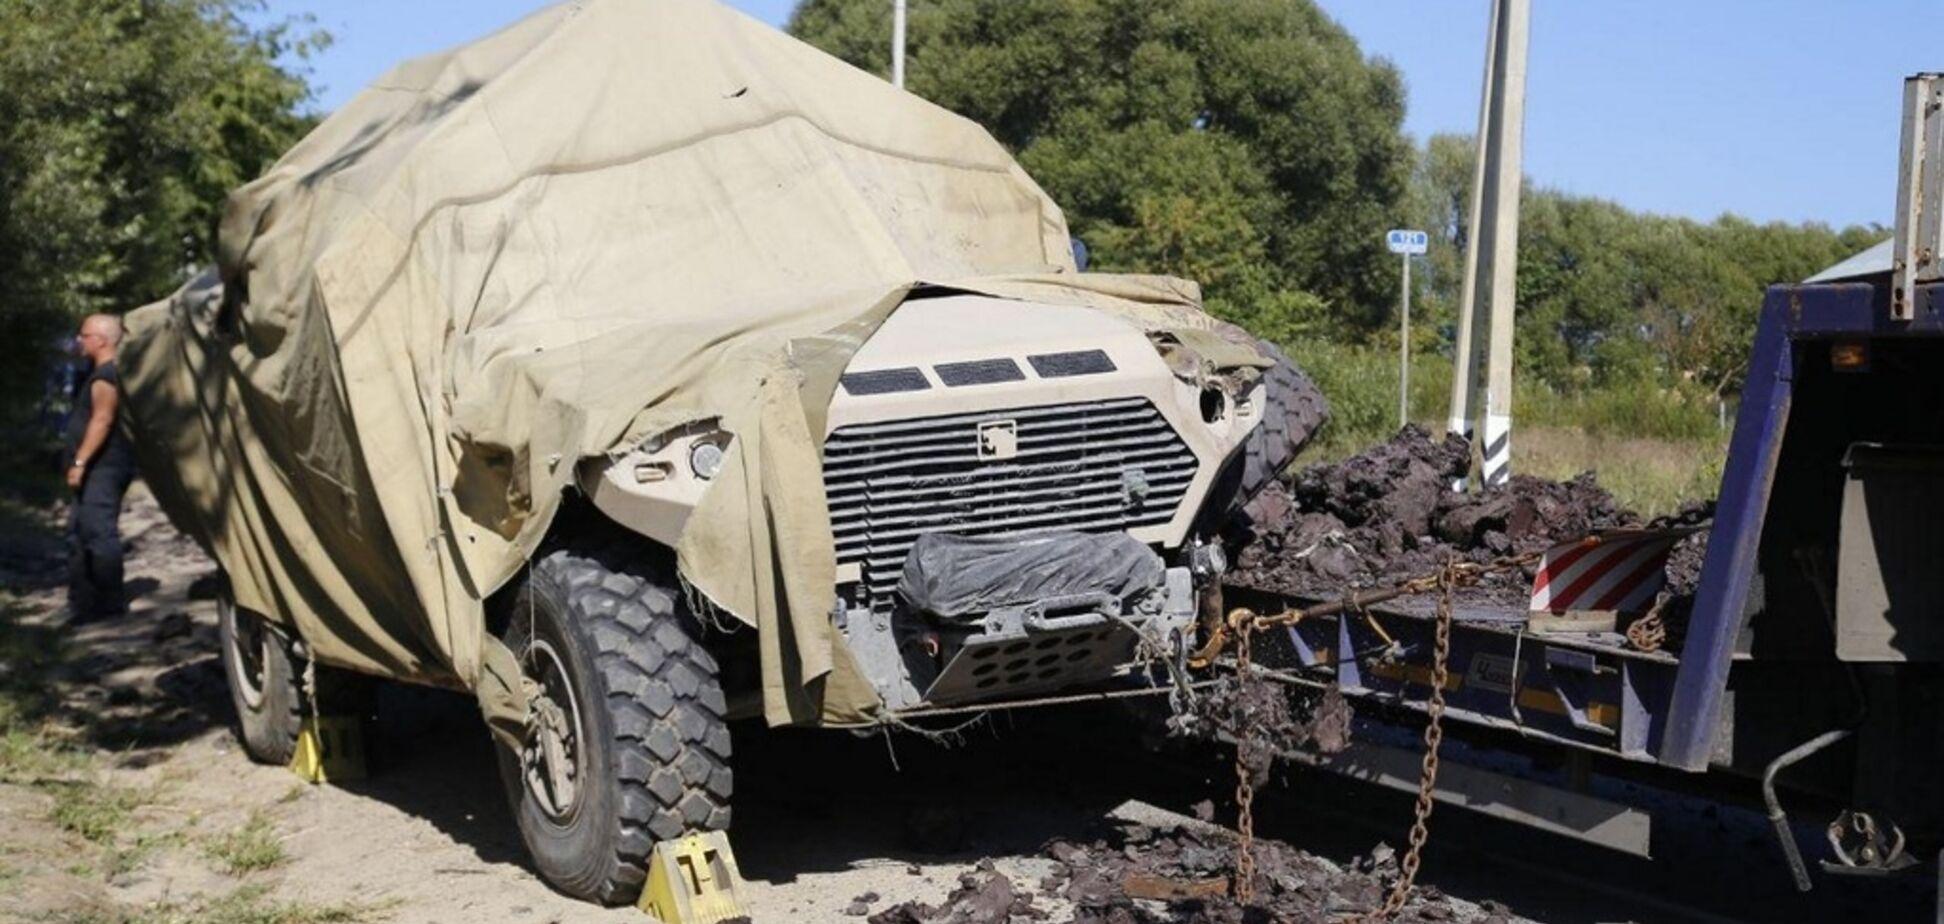 Під Тулою розбили секретну арабську машину: стало відомо про військову ганьбу росіян